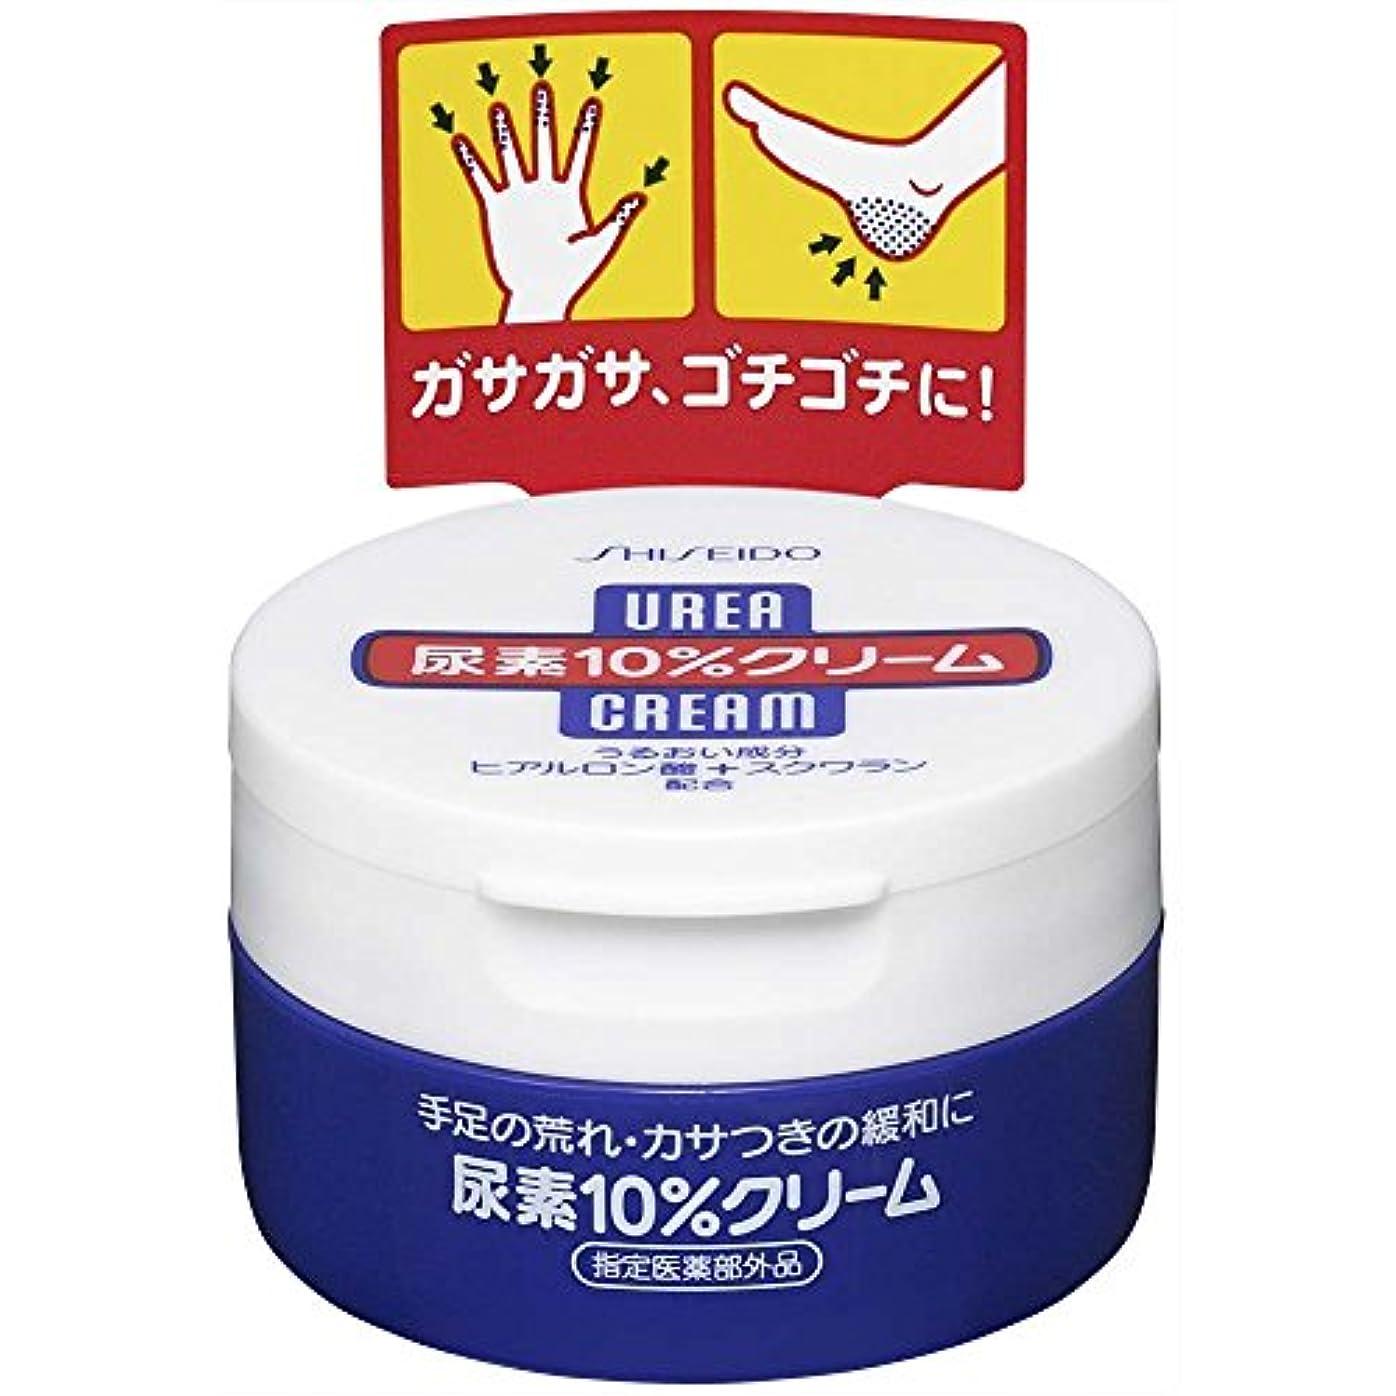 スリム明るくする弱い尿素10% クリーム 100g